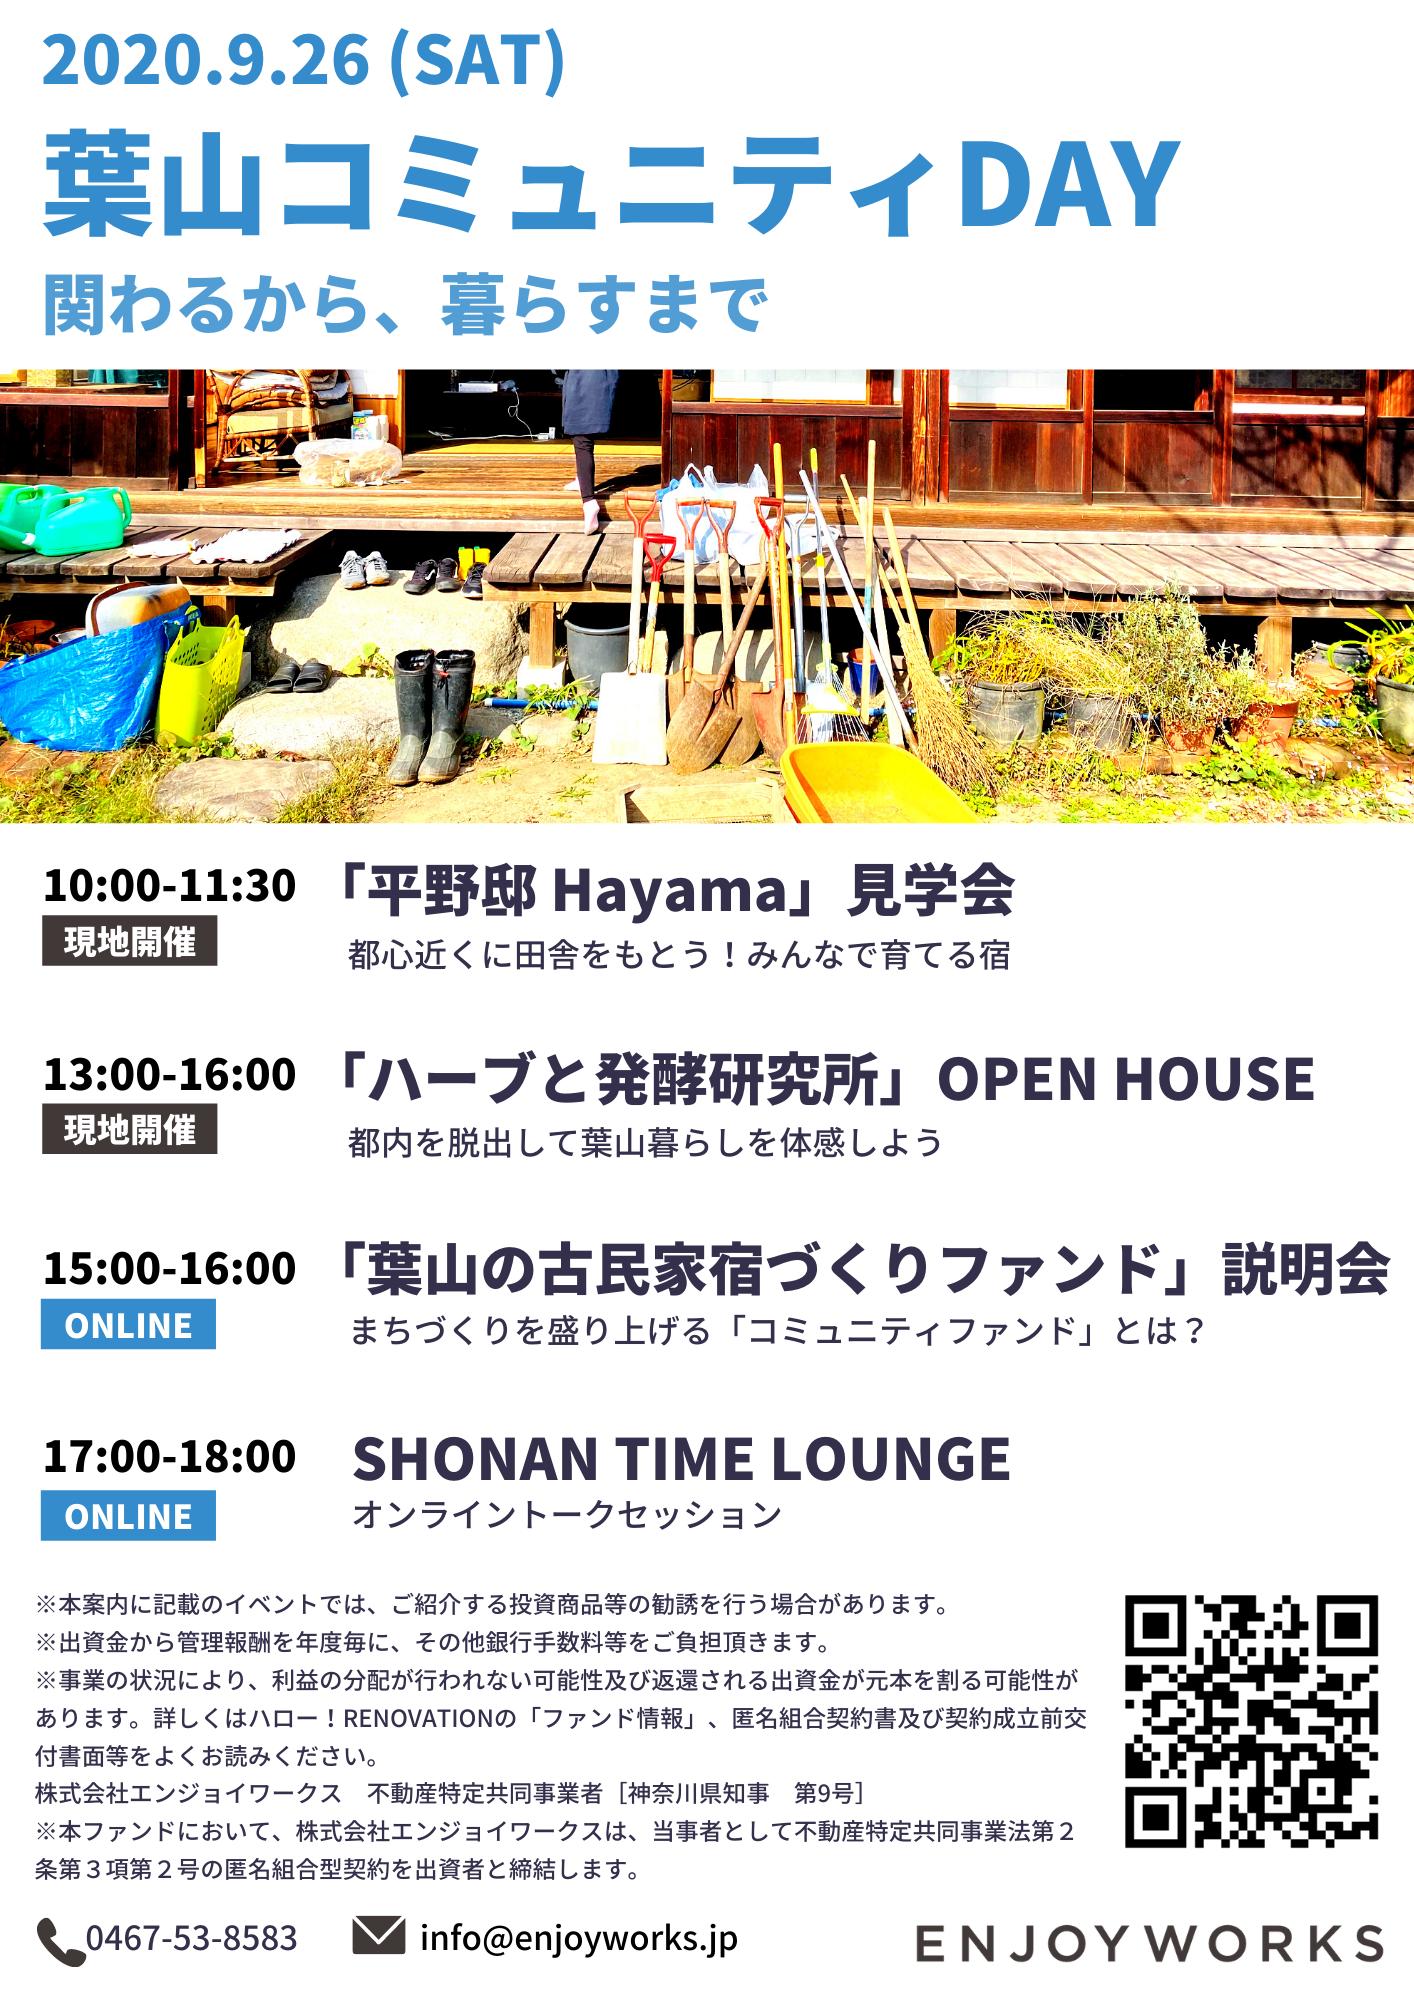 【施設運営レポート】まる1日かけて葉山を楽しむイベント!!